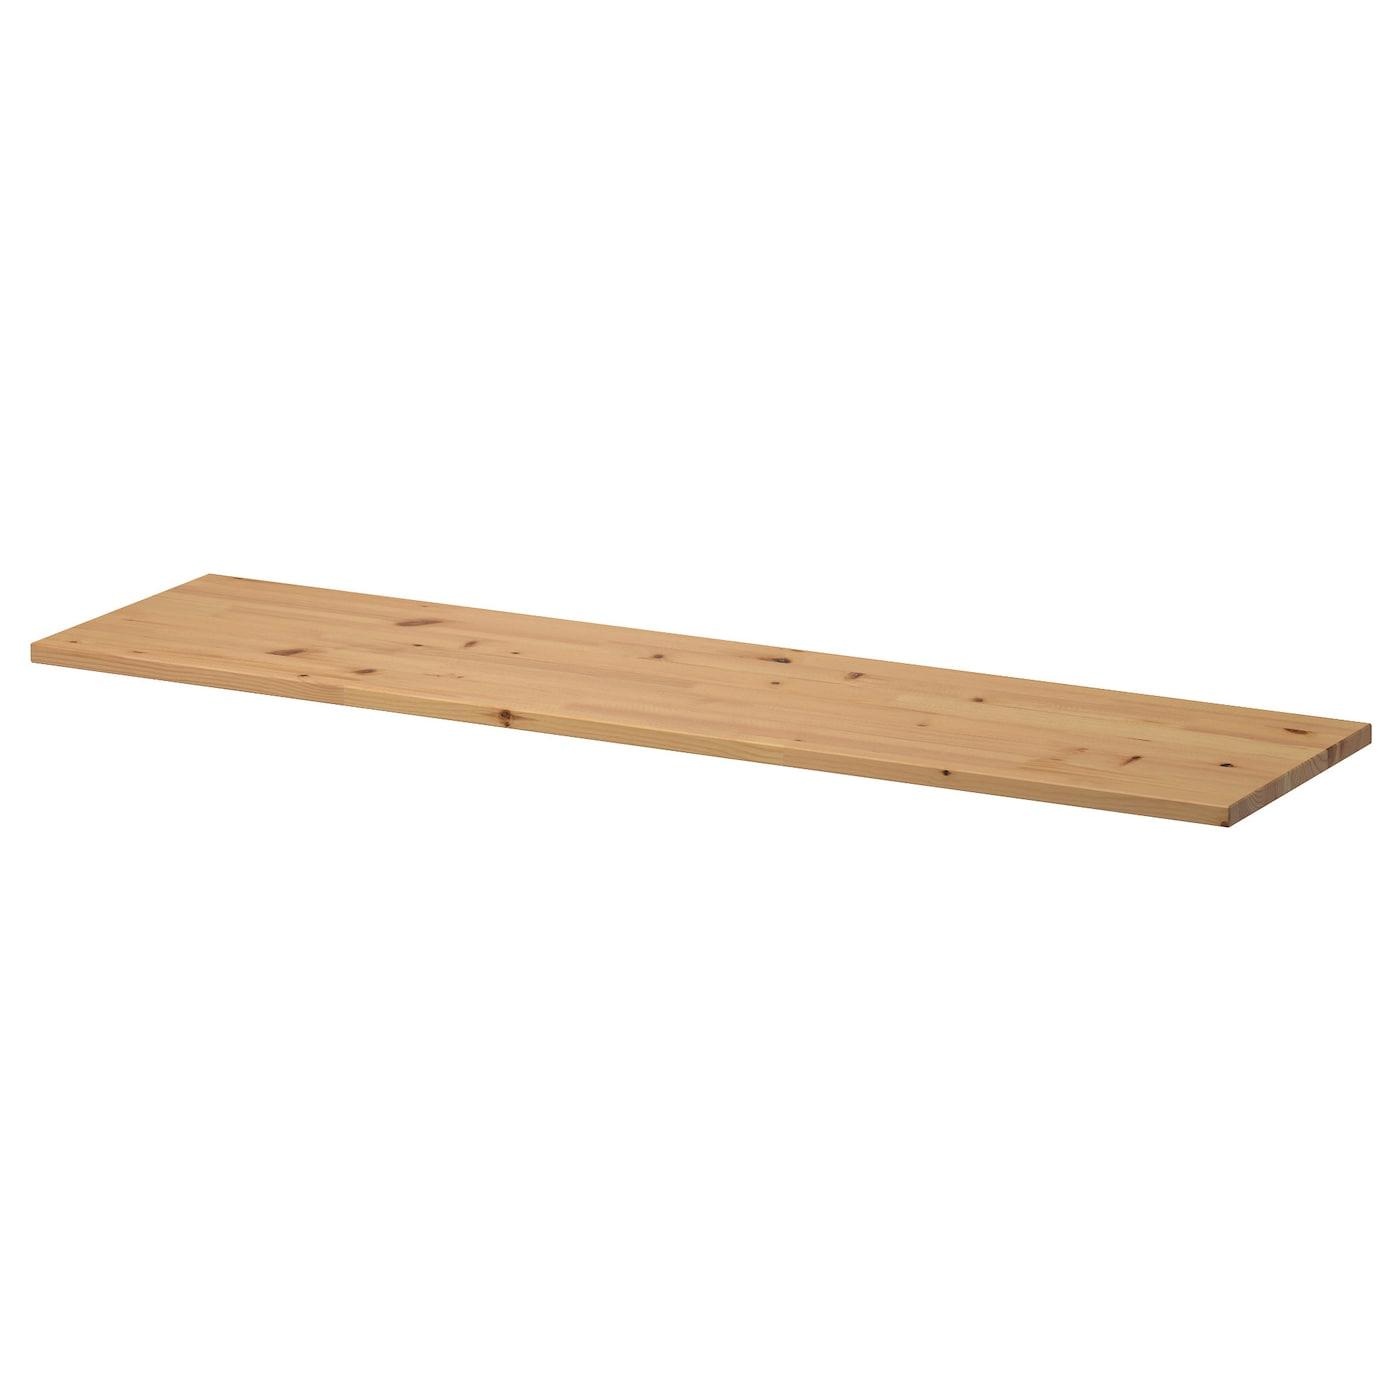 Plank Zwevend Ophangen.Plank Onzichtbaar Ophangen Excellent Je Kan Een Hulpstuk Maken Om